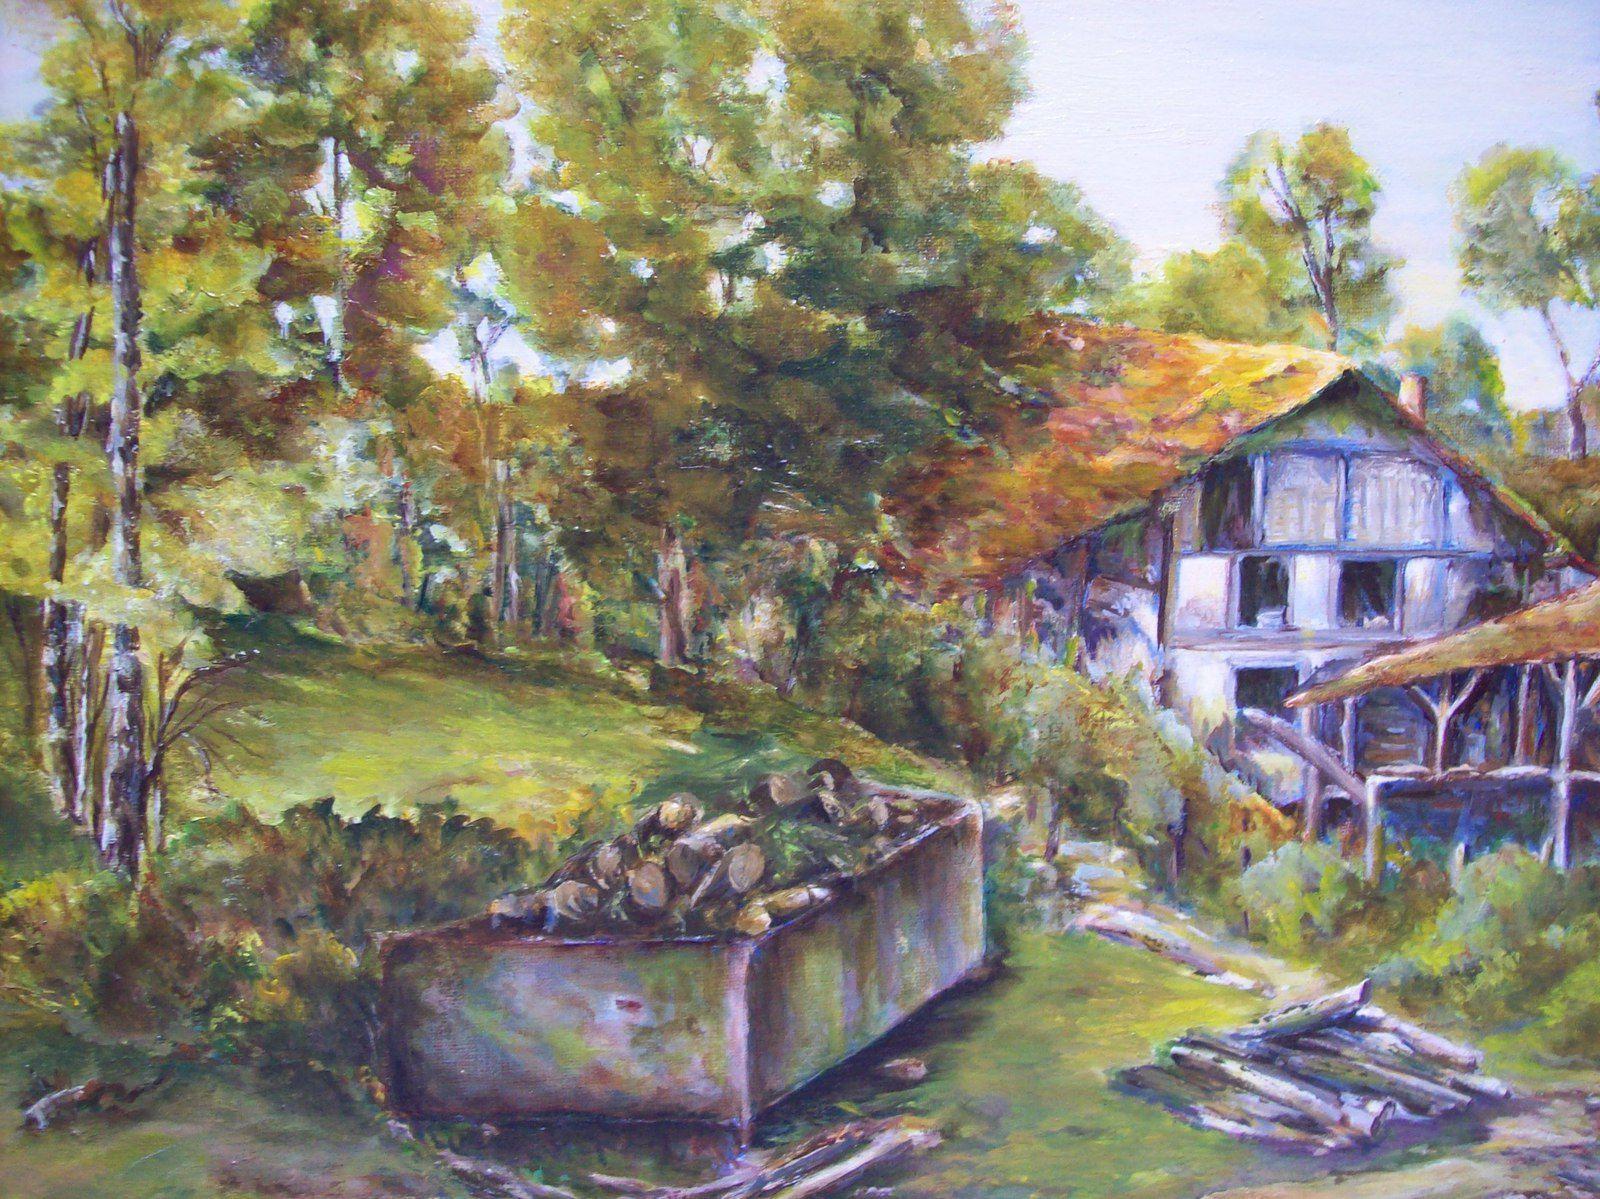 Peintures à l'huile de Chantal Roux.